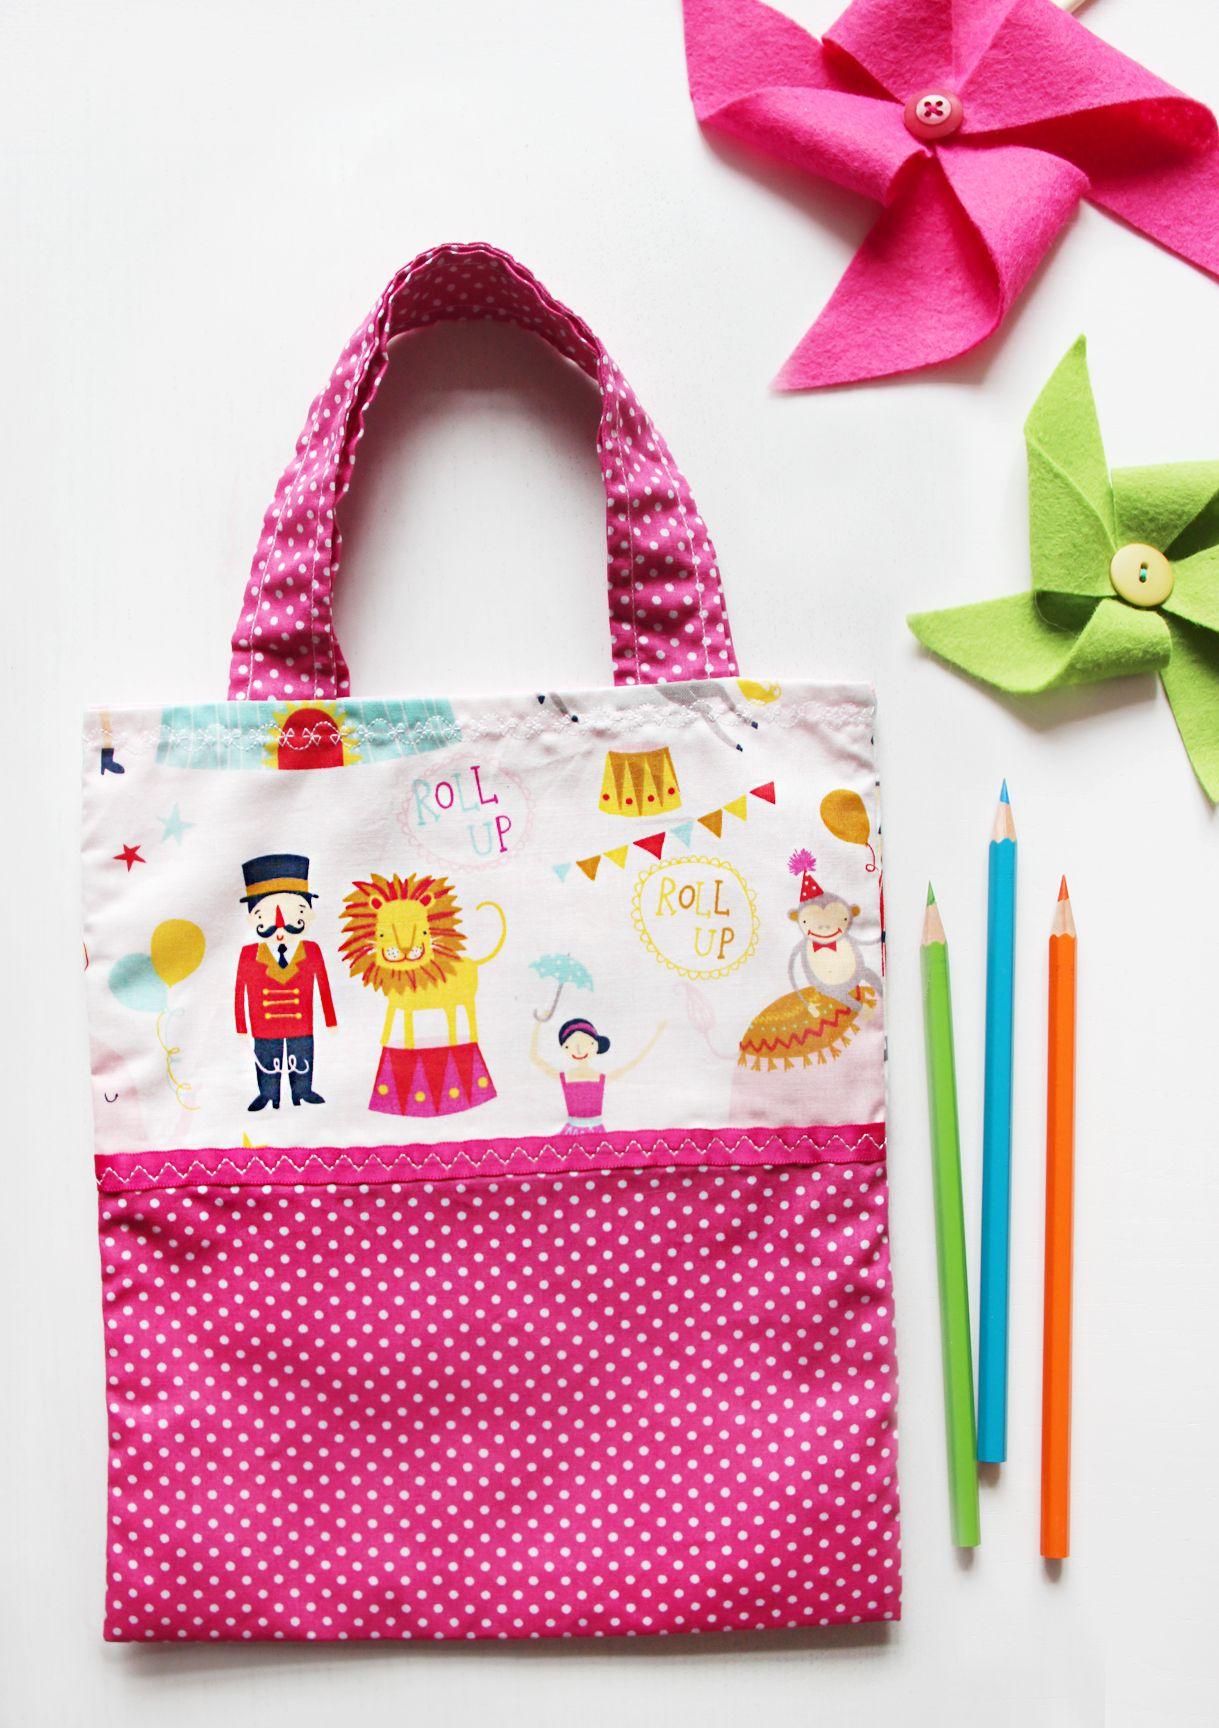 Kinderbeutel / Stoffbeutel für kleine Mädchen <3 mit Zirkusmuster #naehfein #kinderbeutel #stoffbeutel